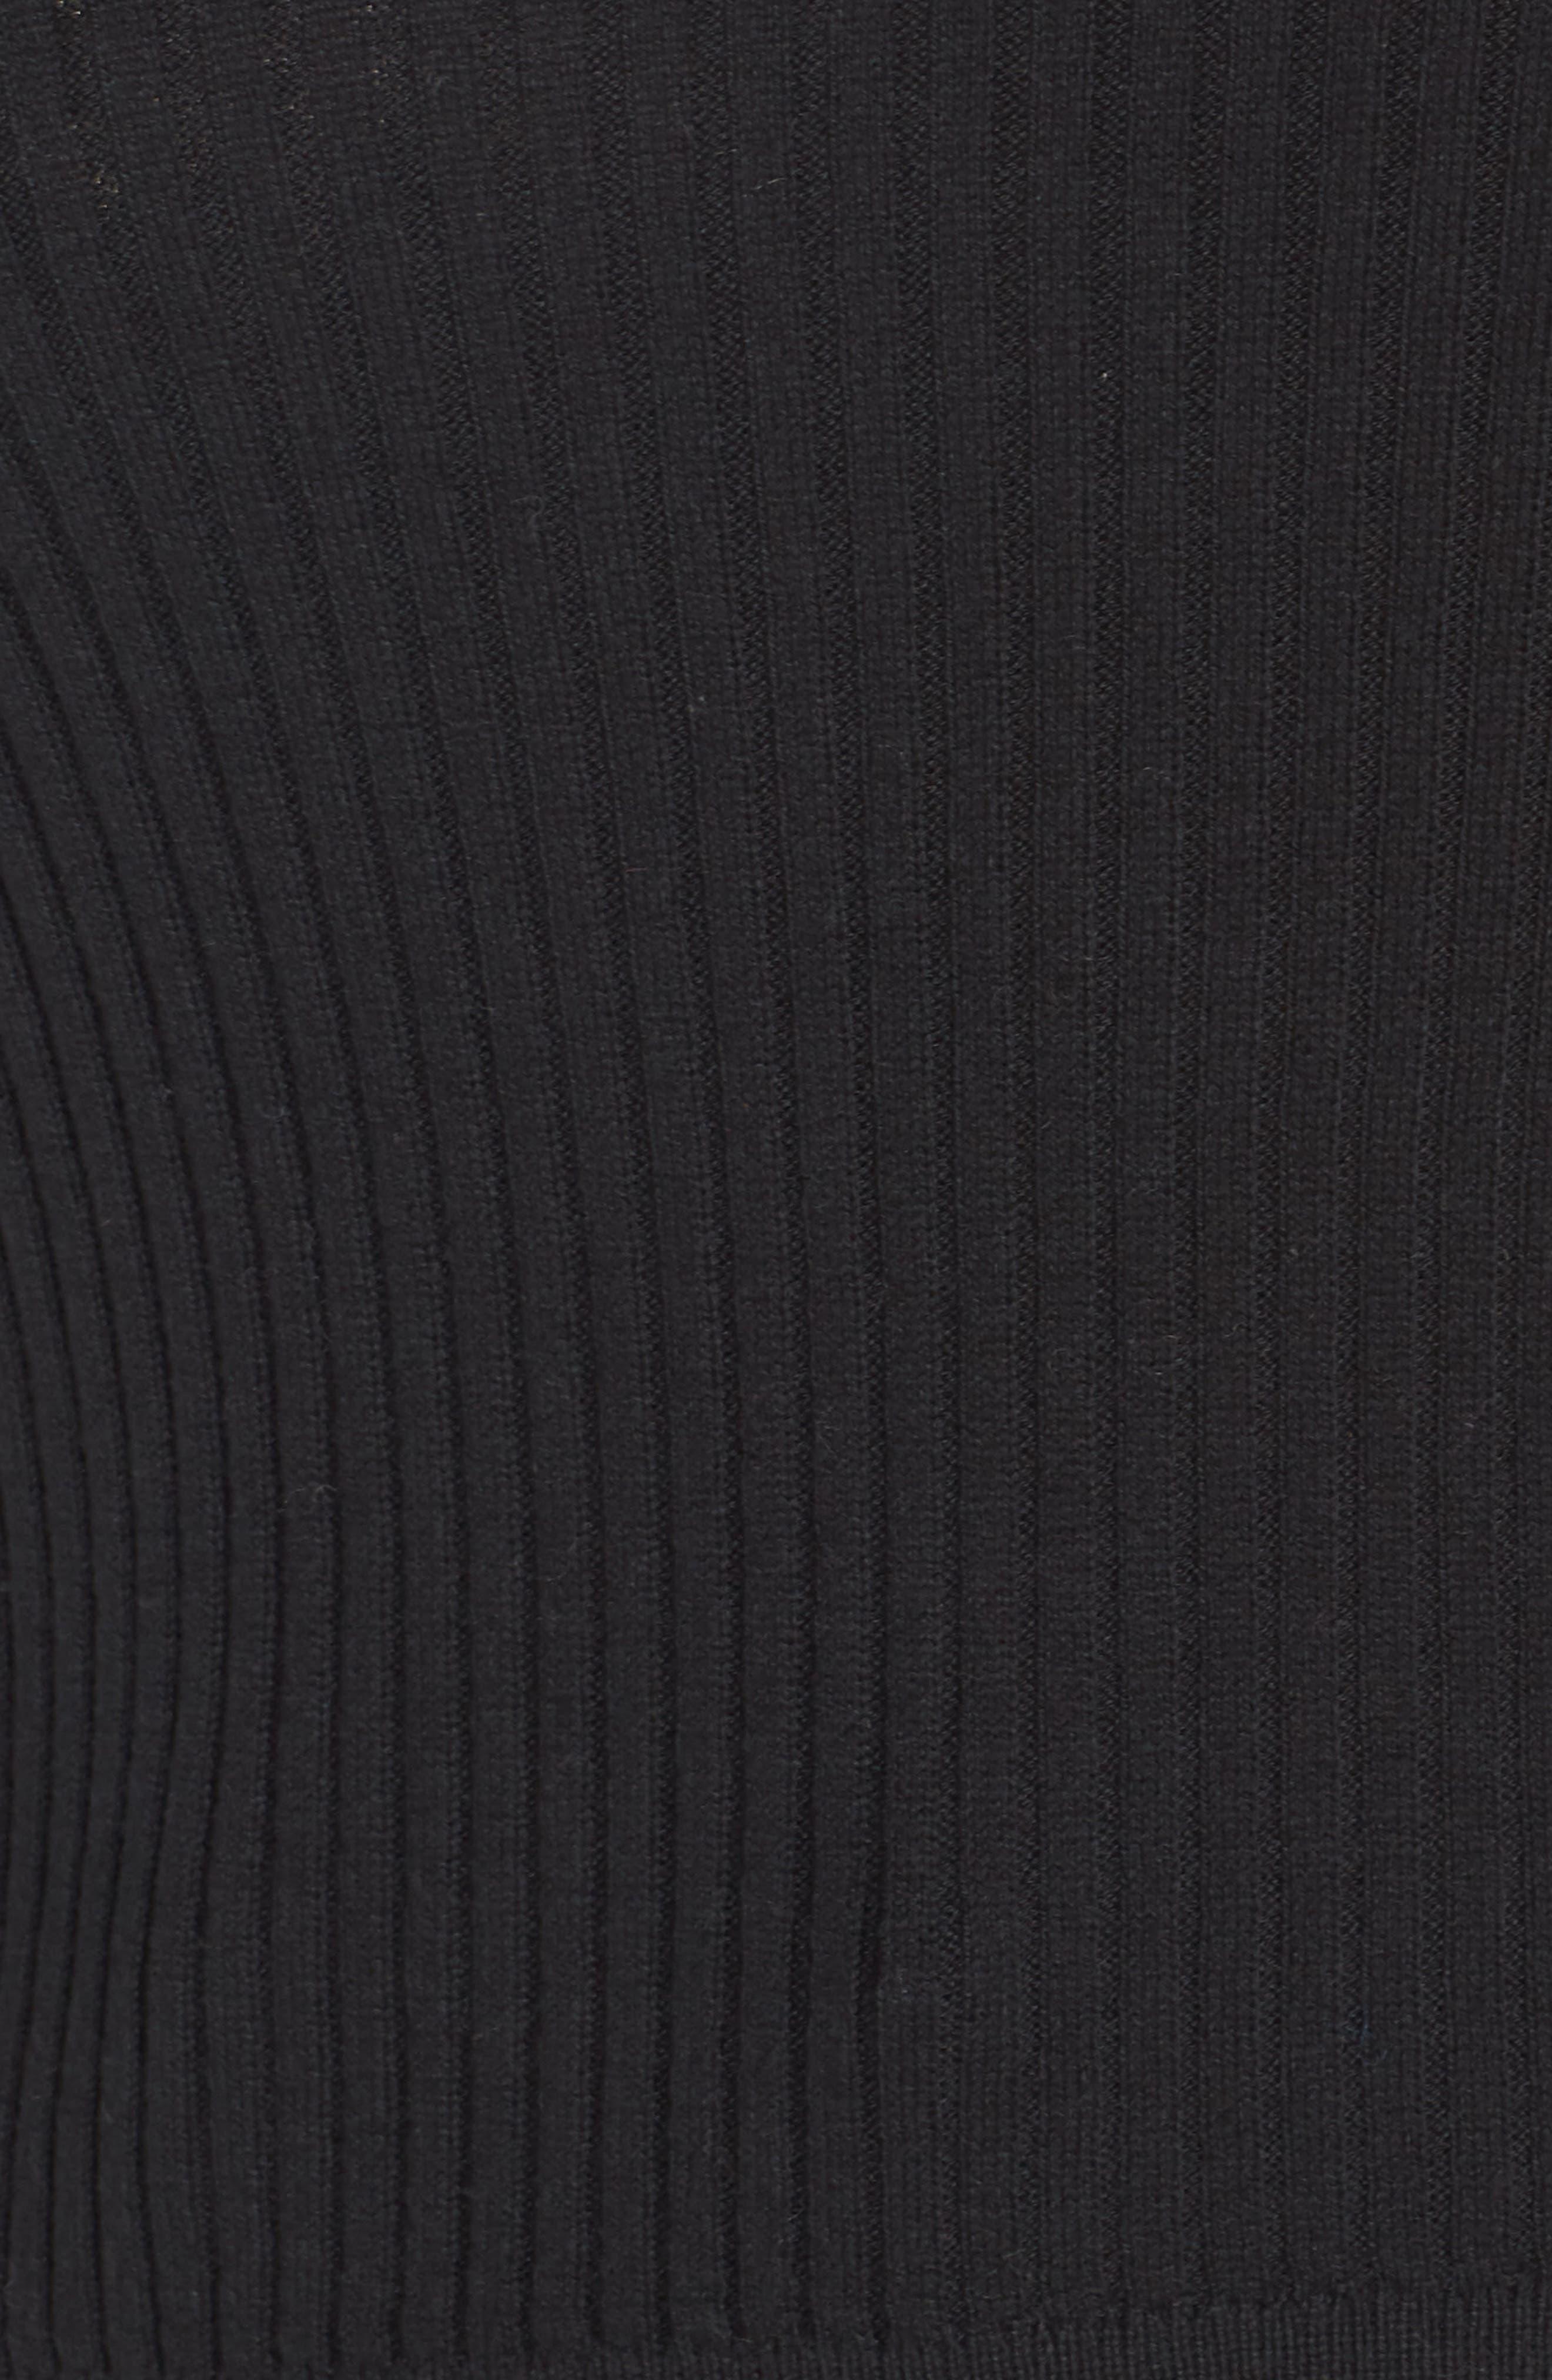 Rib Knit Mock Neck Sweater,                             Alternate thumbnail 5, color,                             BLACK